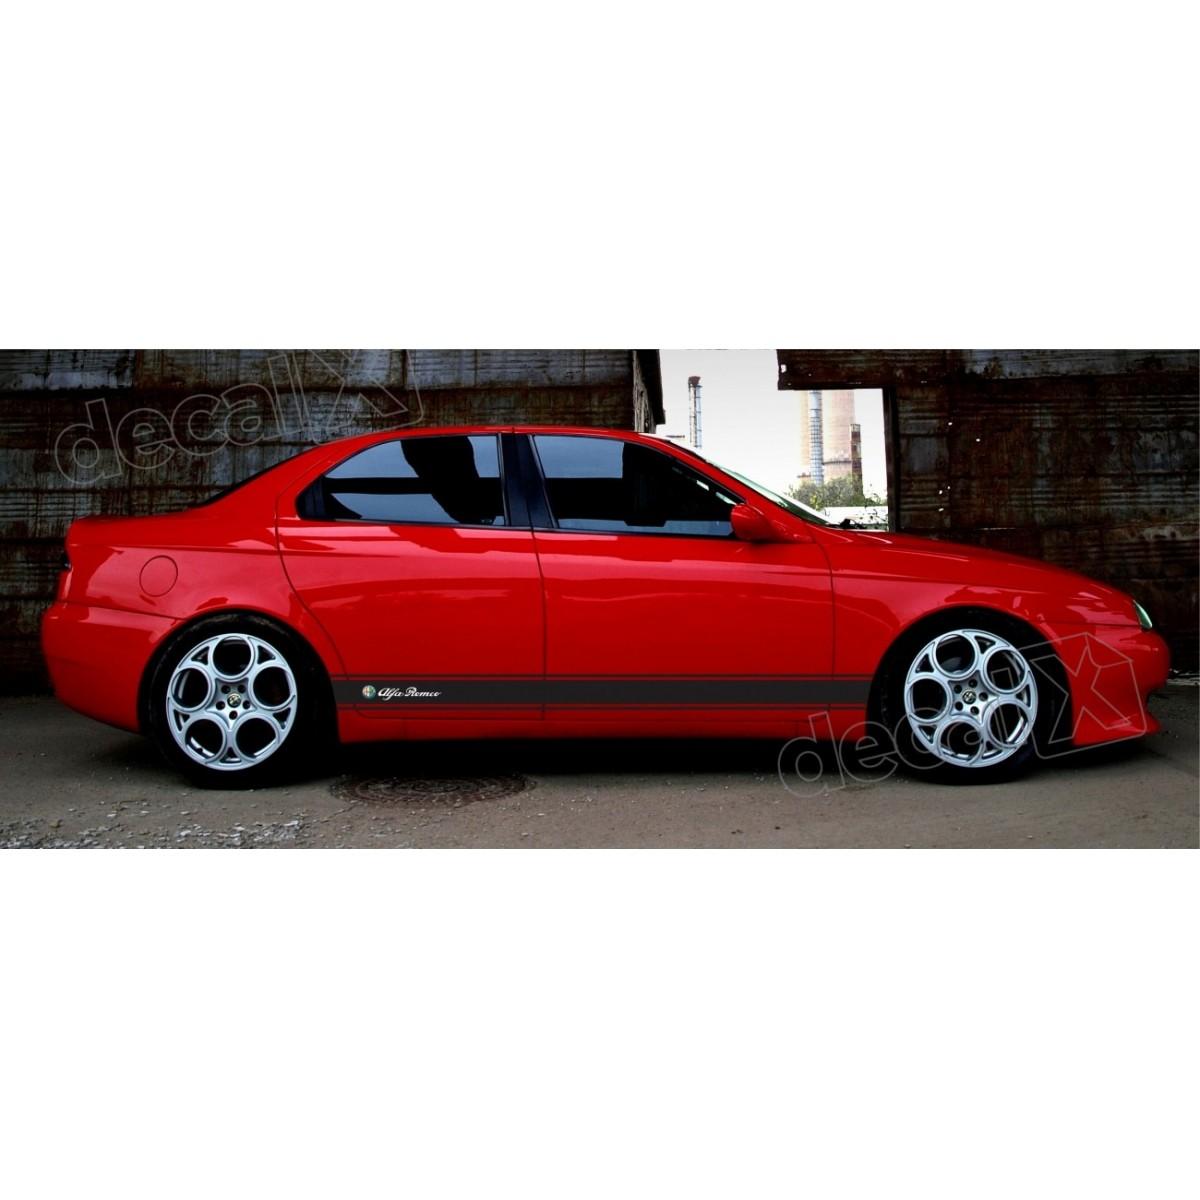 Adesivo Alfa Romeo Faixa Lateral 3m 1561